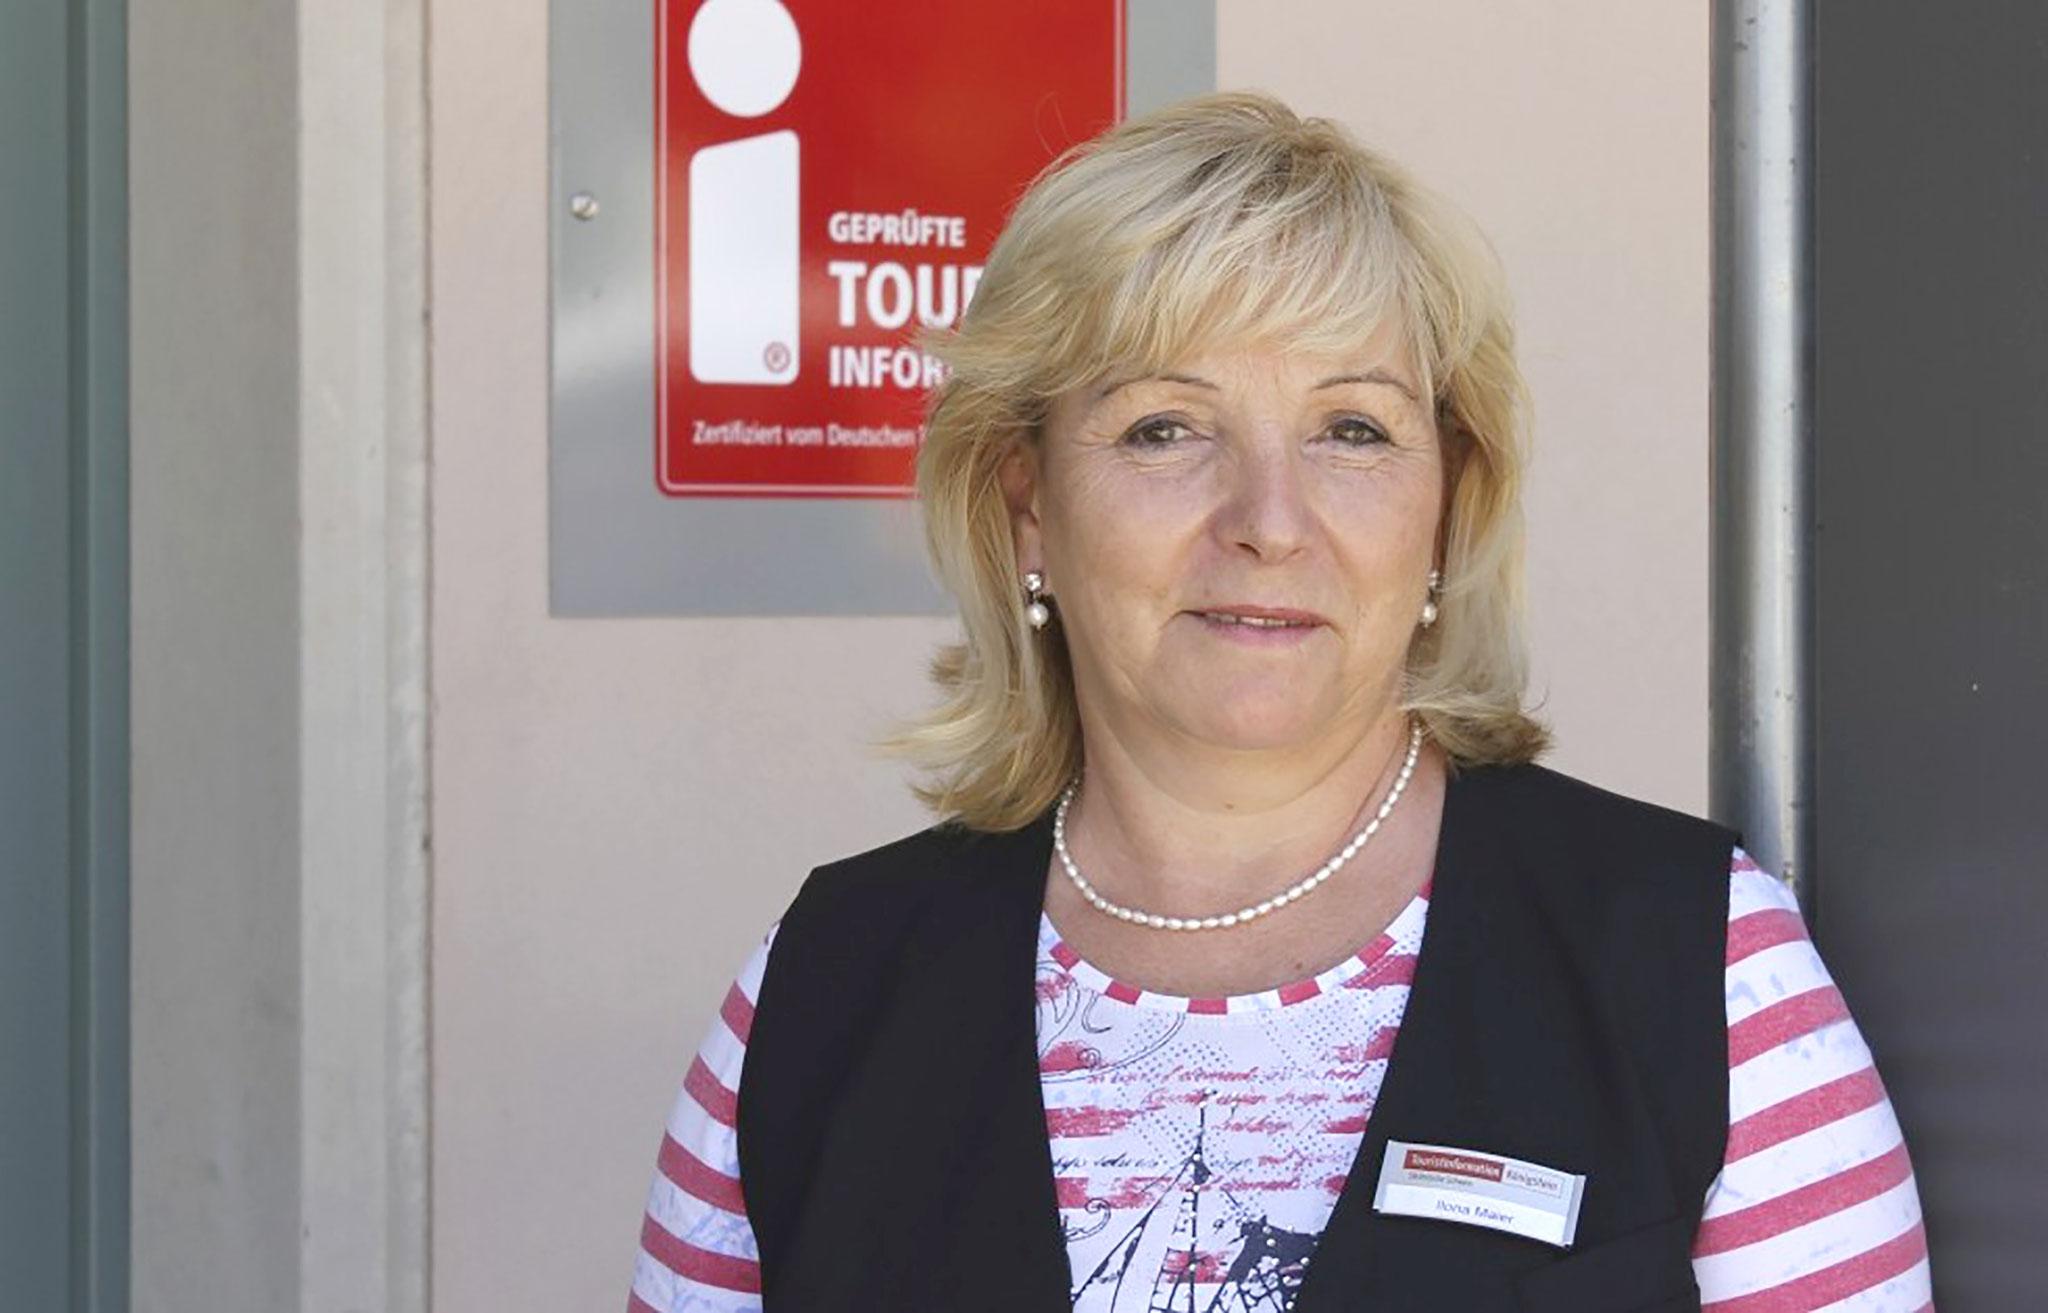 Ilona Maier